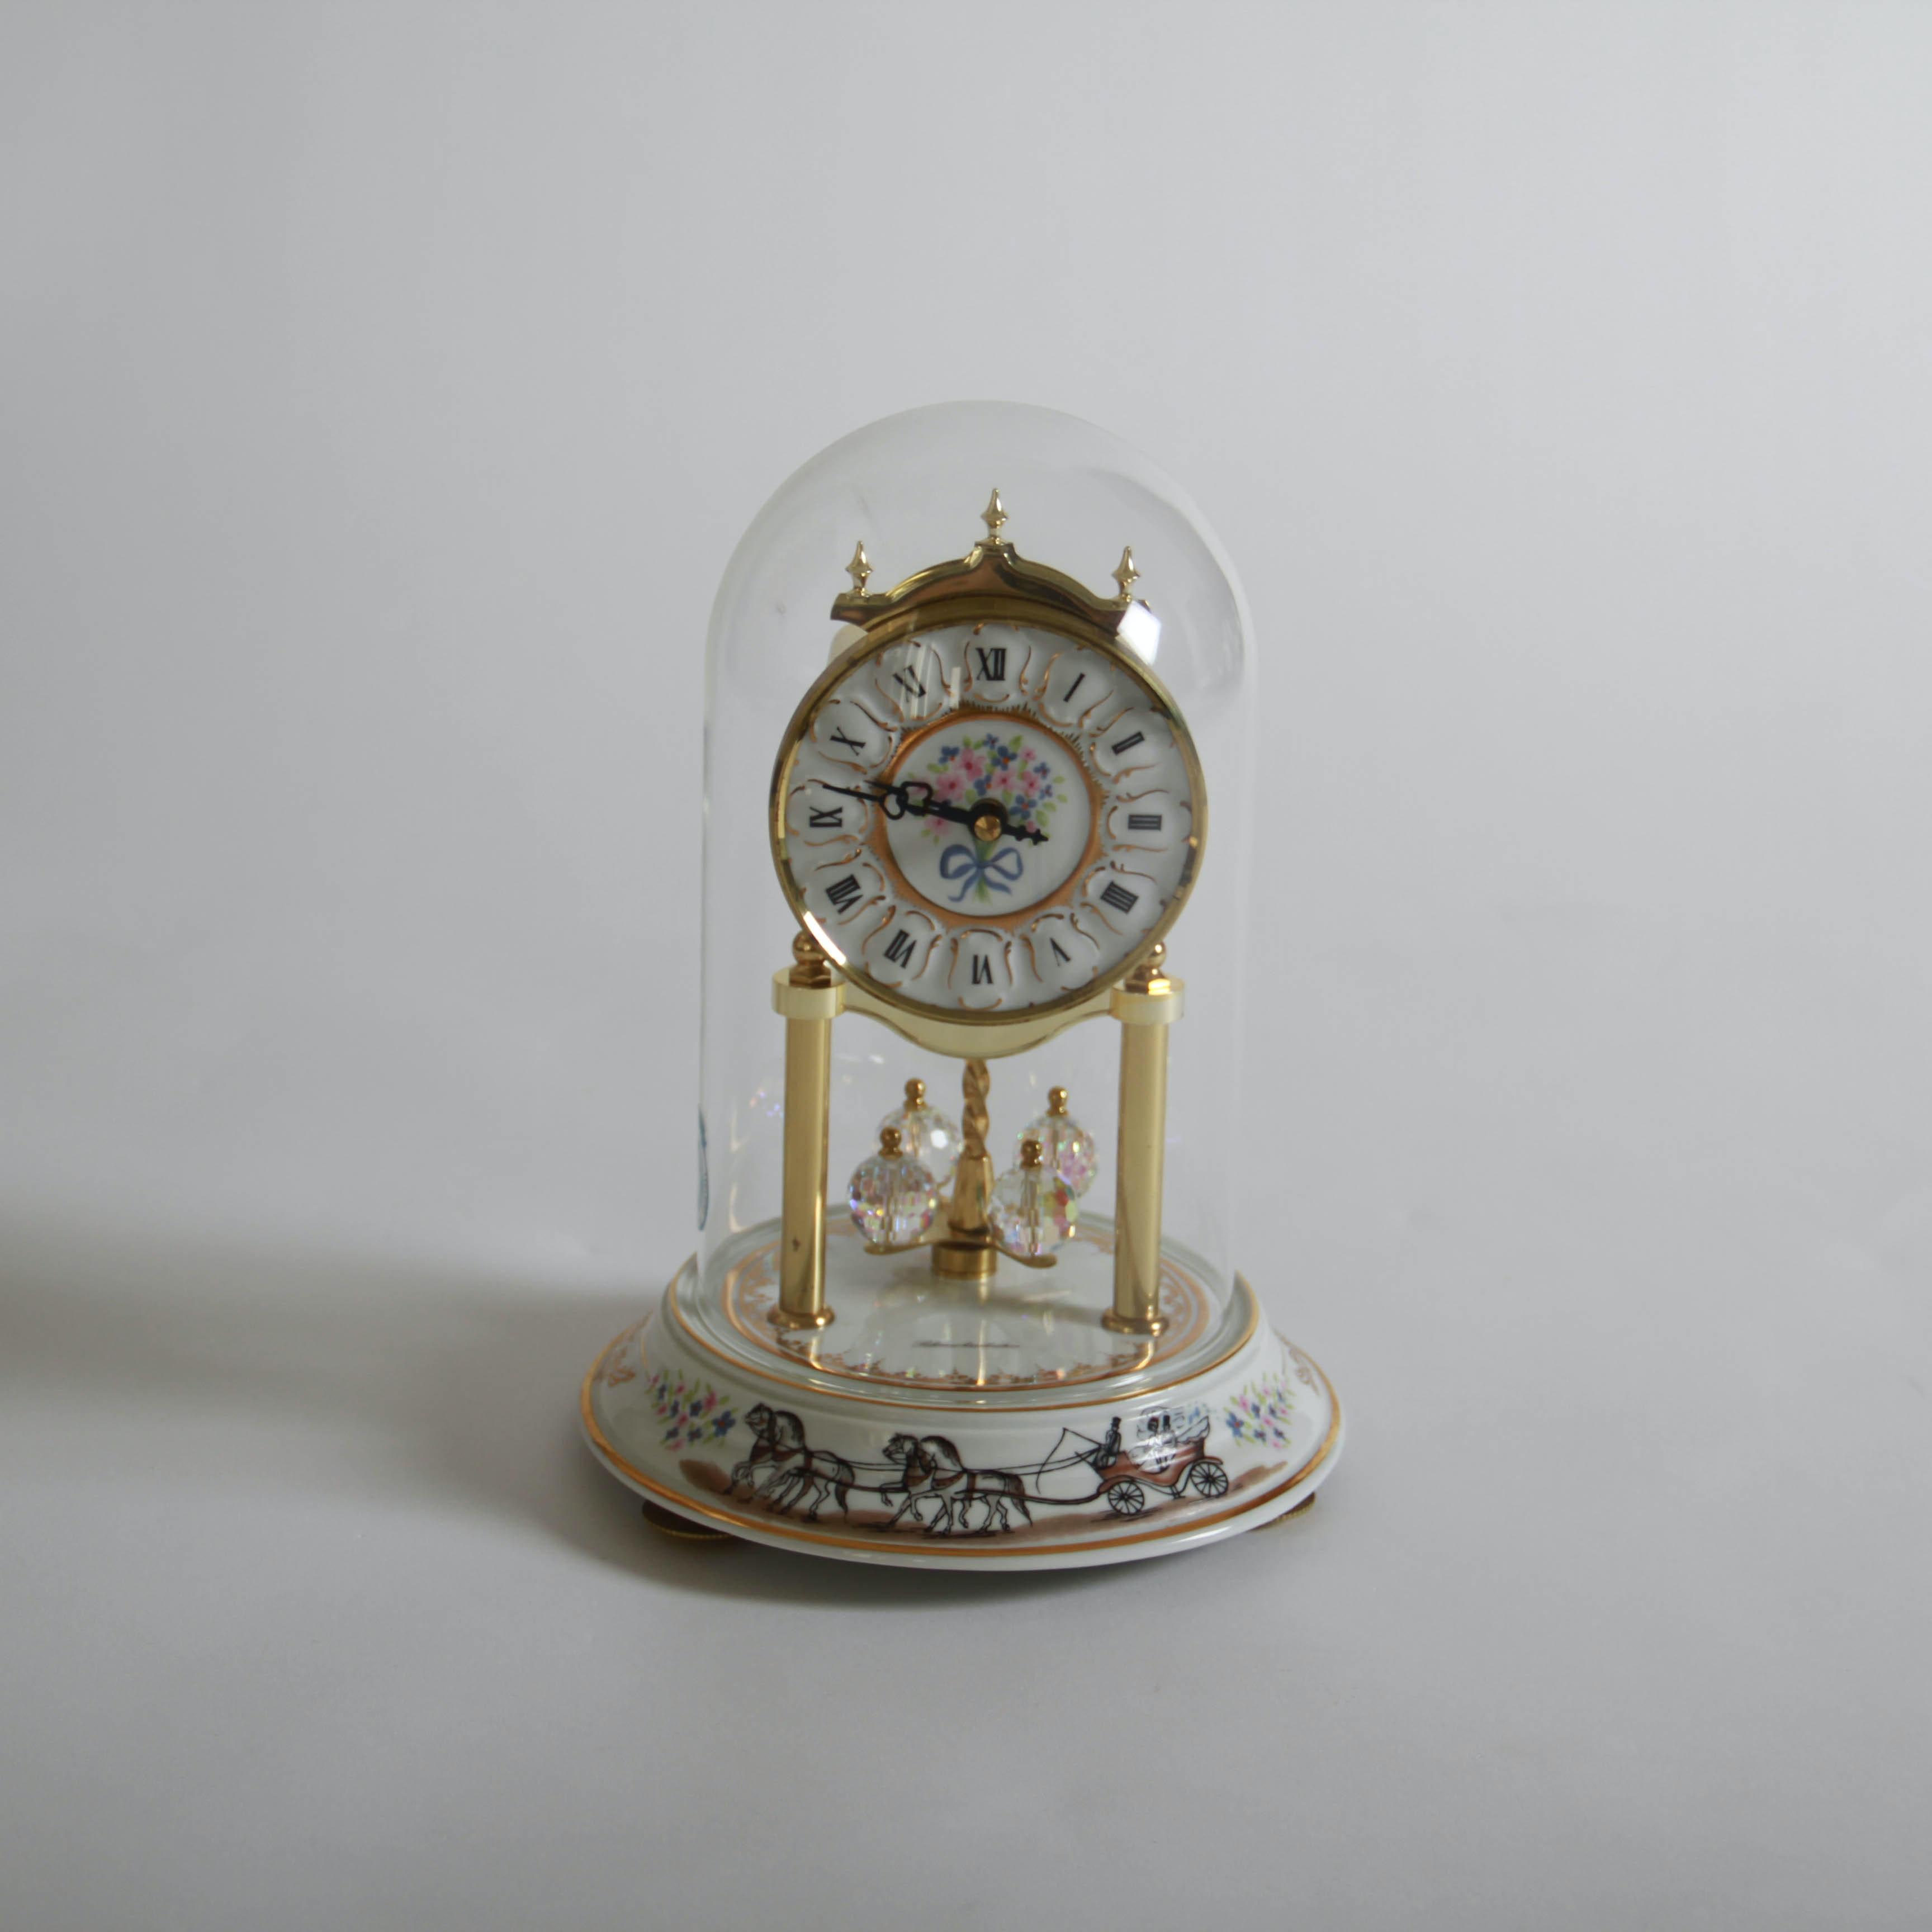 Vintage Anniversary Clock By Schmeckenbecher Ebth